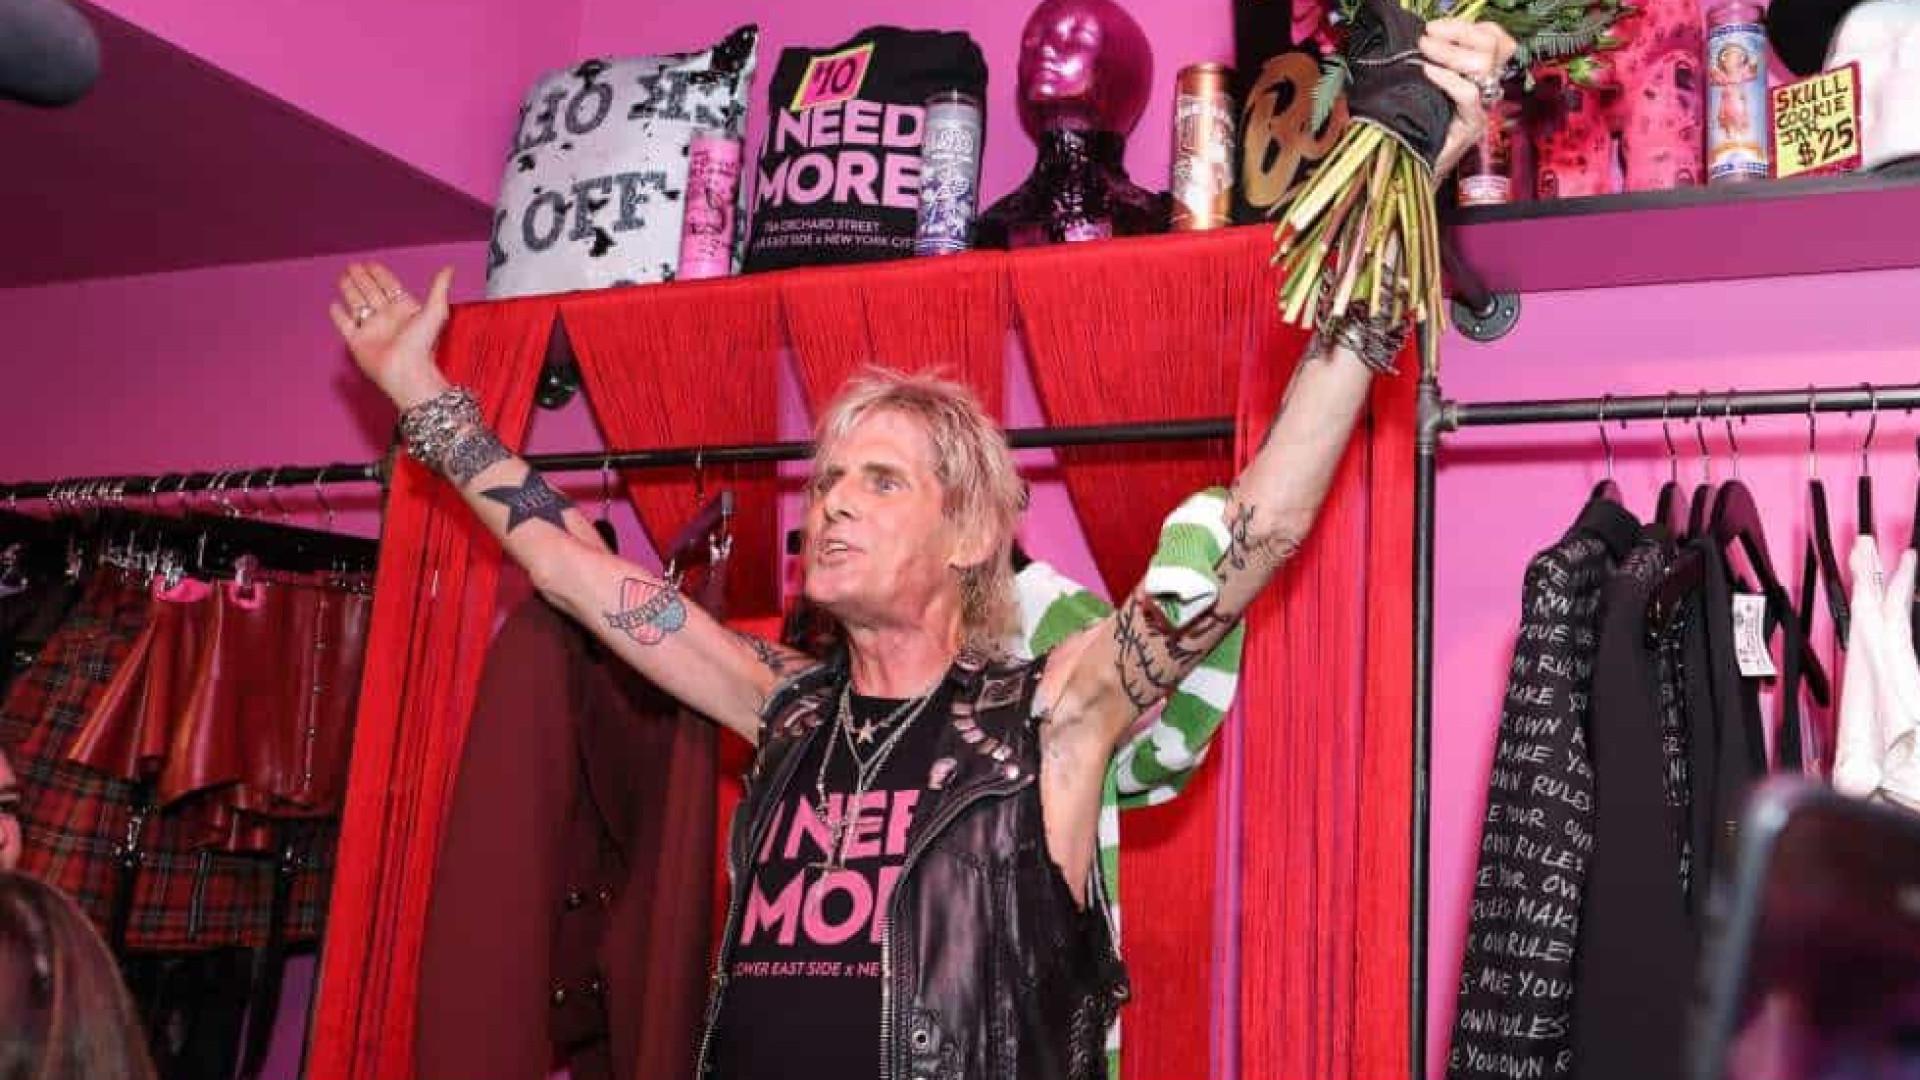 Morre Jimmy Webb, figura emblemática da cena punk de Nova York